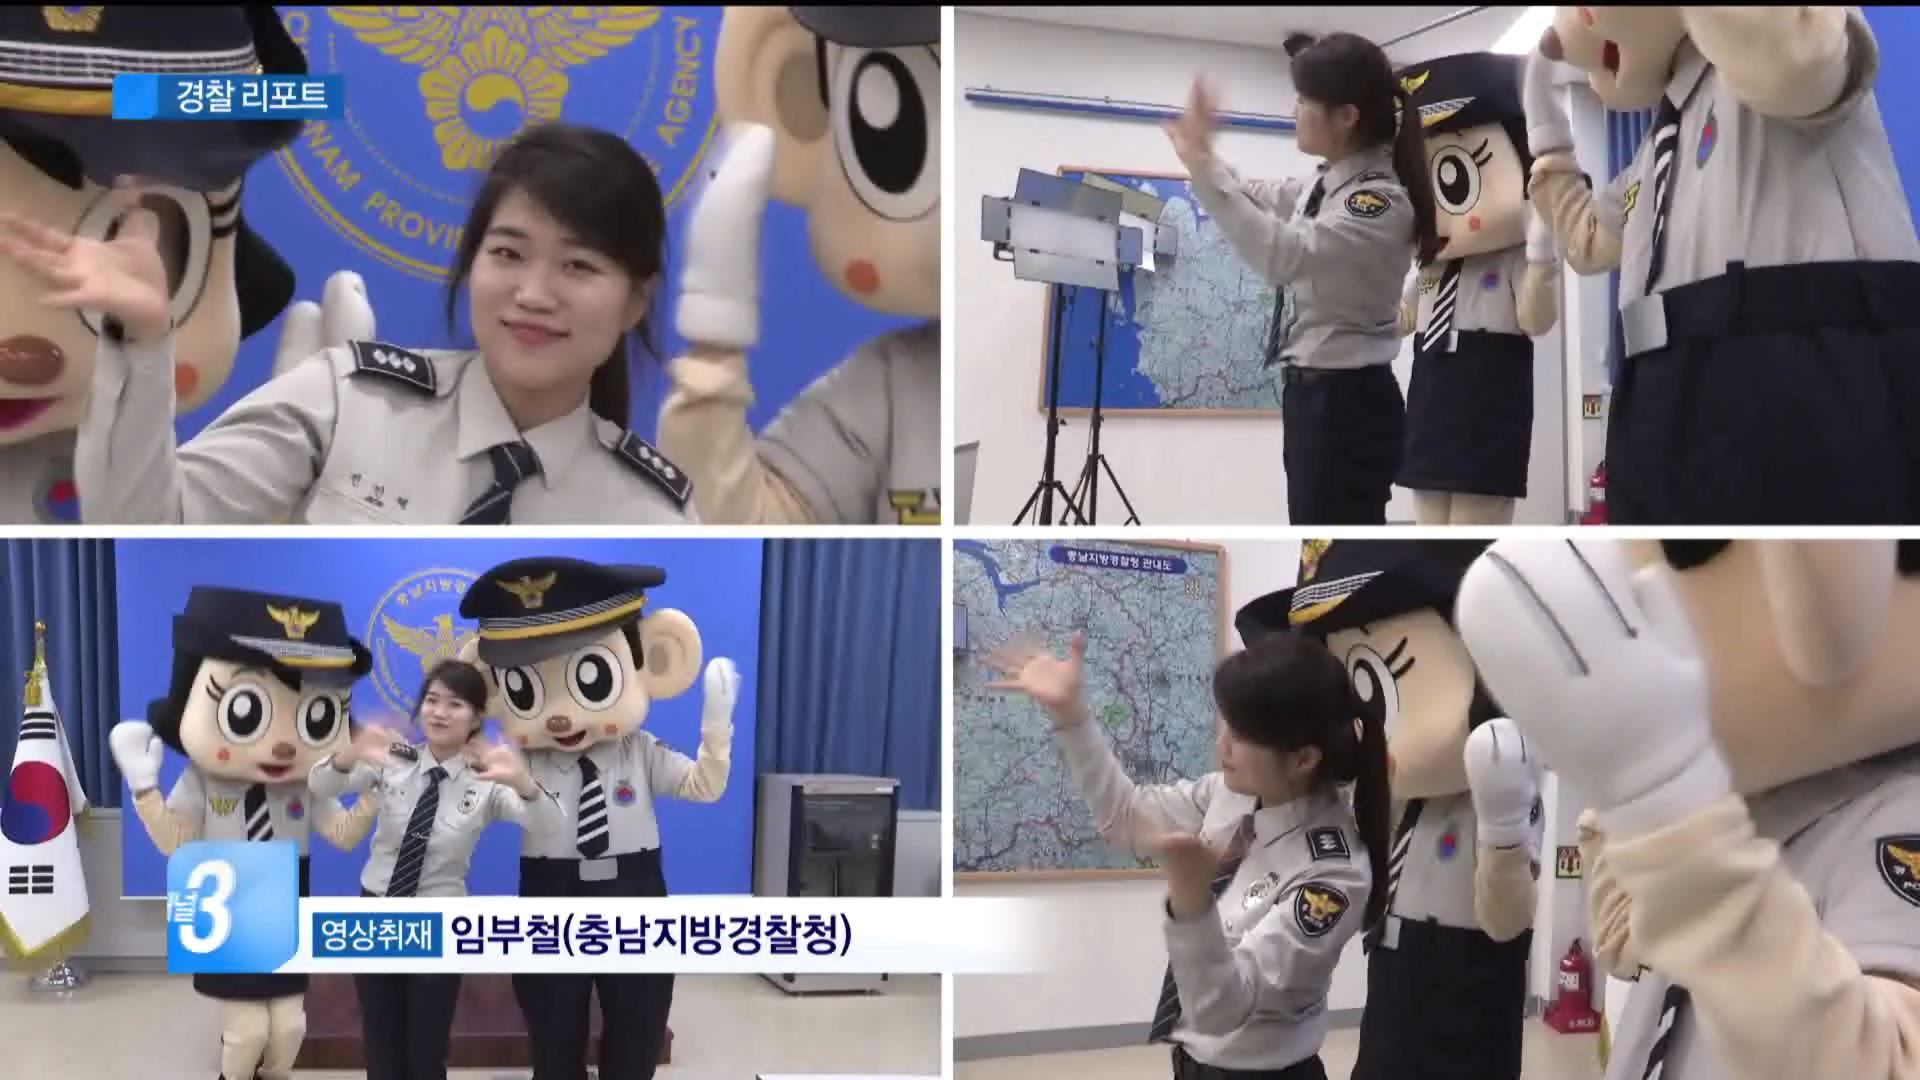 충남경찰 리포트 67회